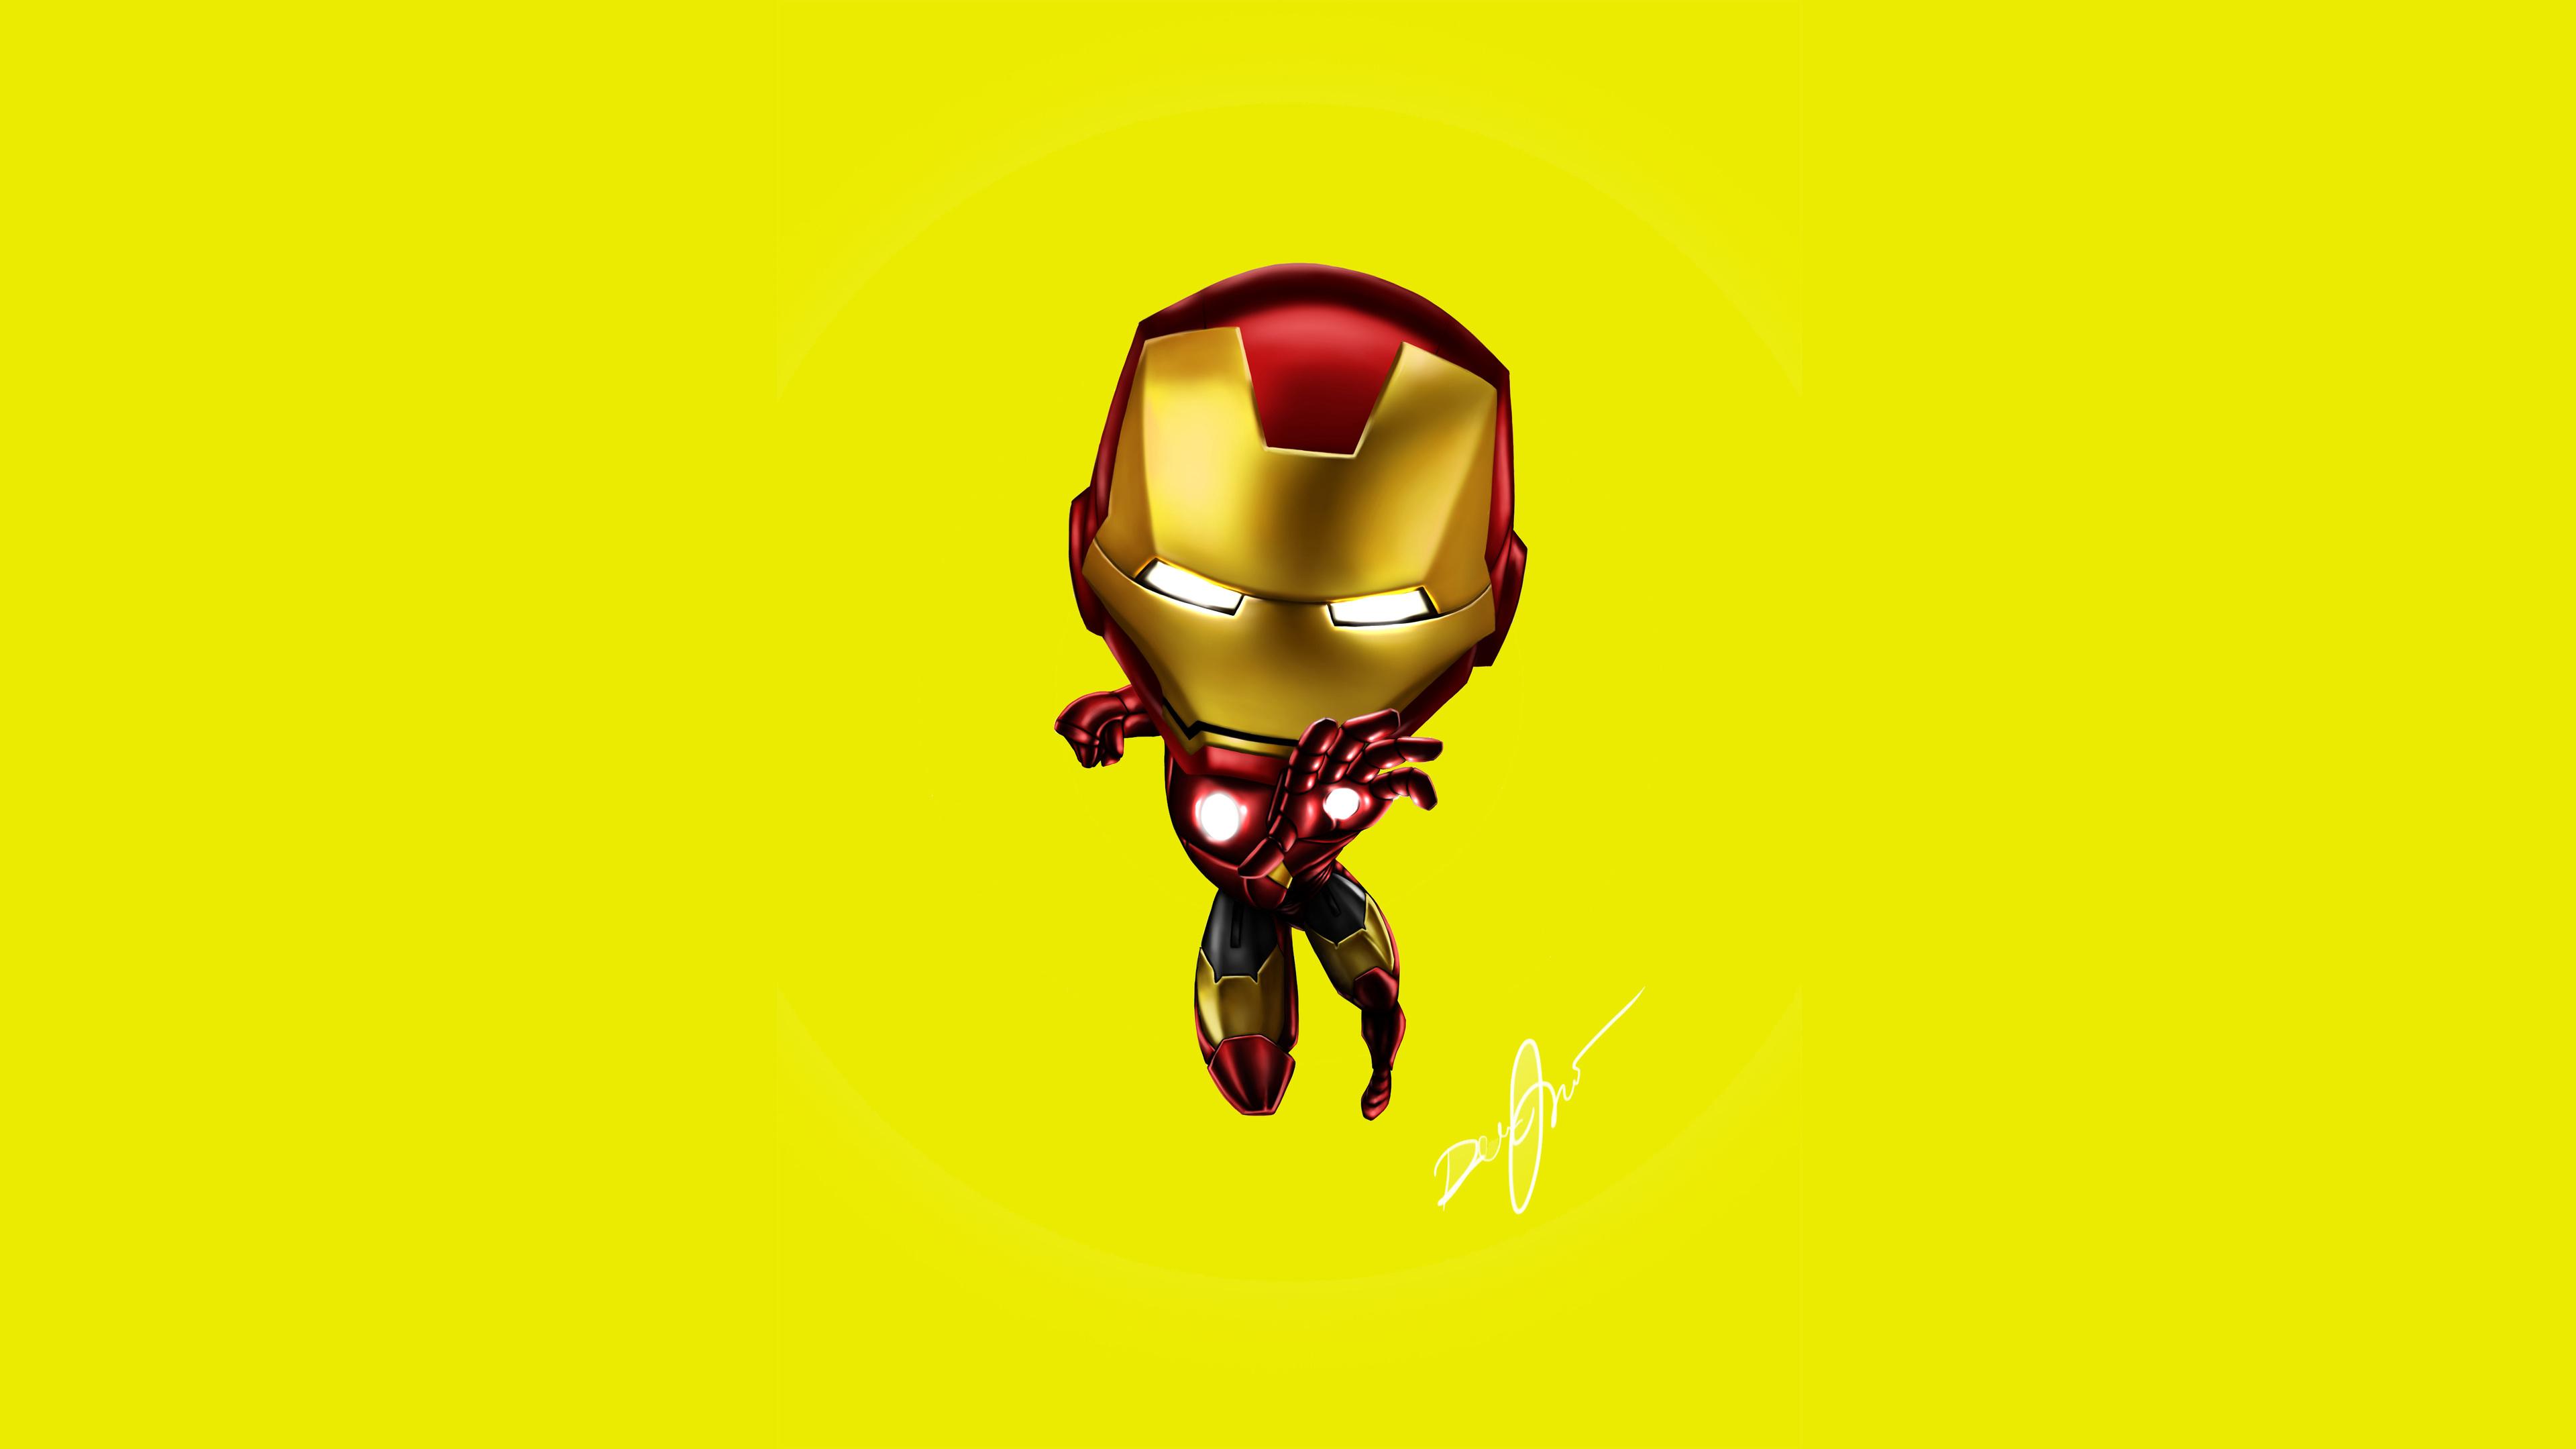 iron man 5k artwork 1536523674 - Iron Man 5k Artwork - superheroes wallpapers, iron man wallpapers, hd-wallpapers, digital art wallpapers, artwork wallpapers, art wallpapers, 5k wallpapers, 4k-wallpapers